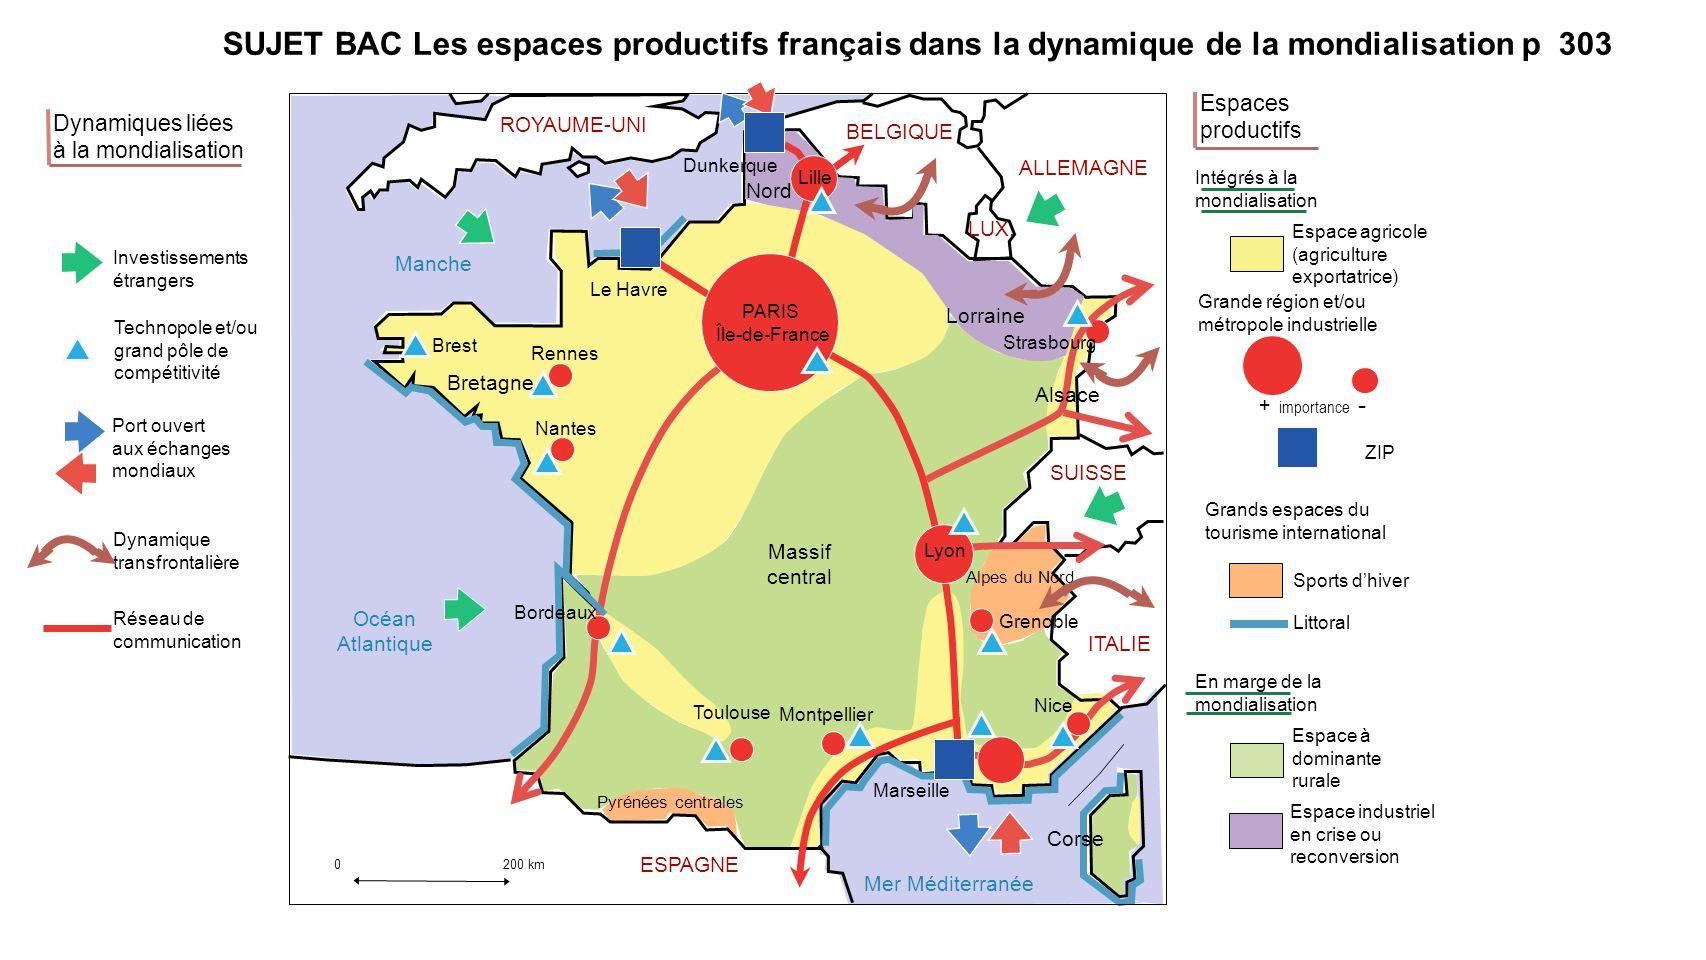 SUJET BAC Les espaces productifs français dans la dynamique de la mondialisation p 303